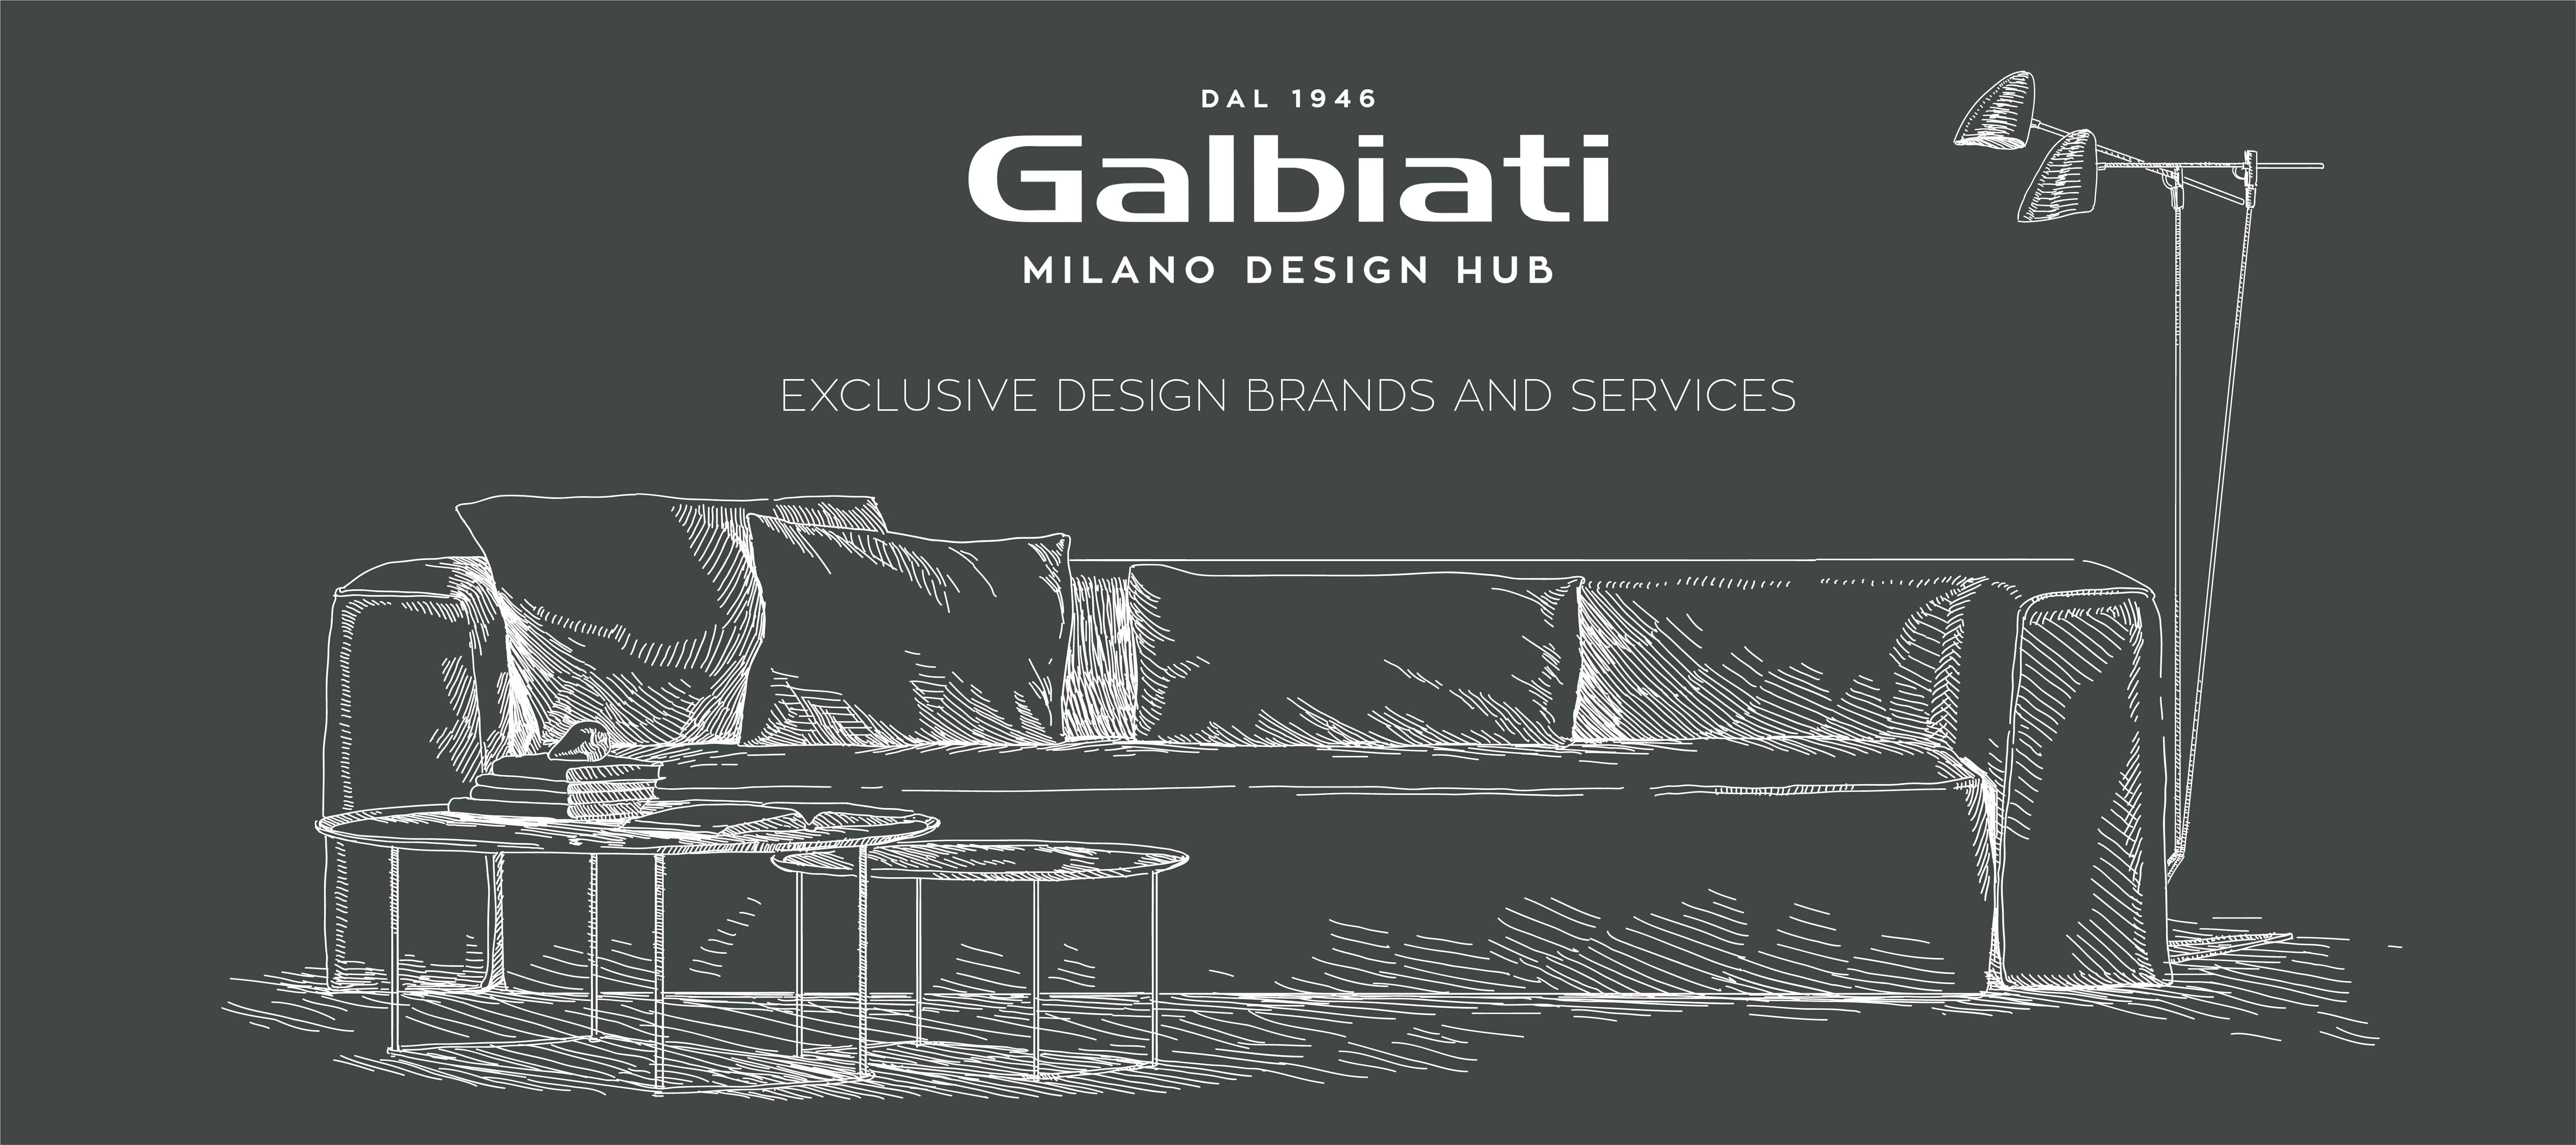 galbiati dal 1946 milano design hub